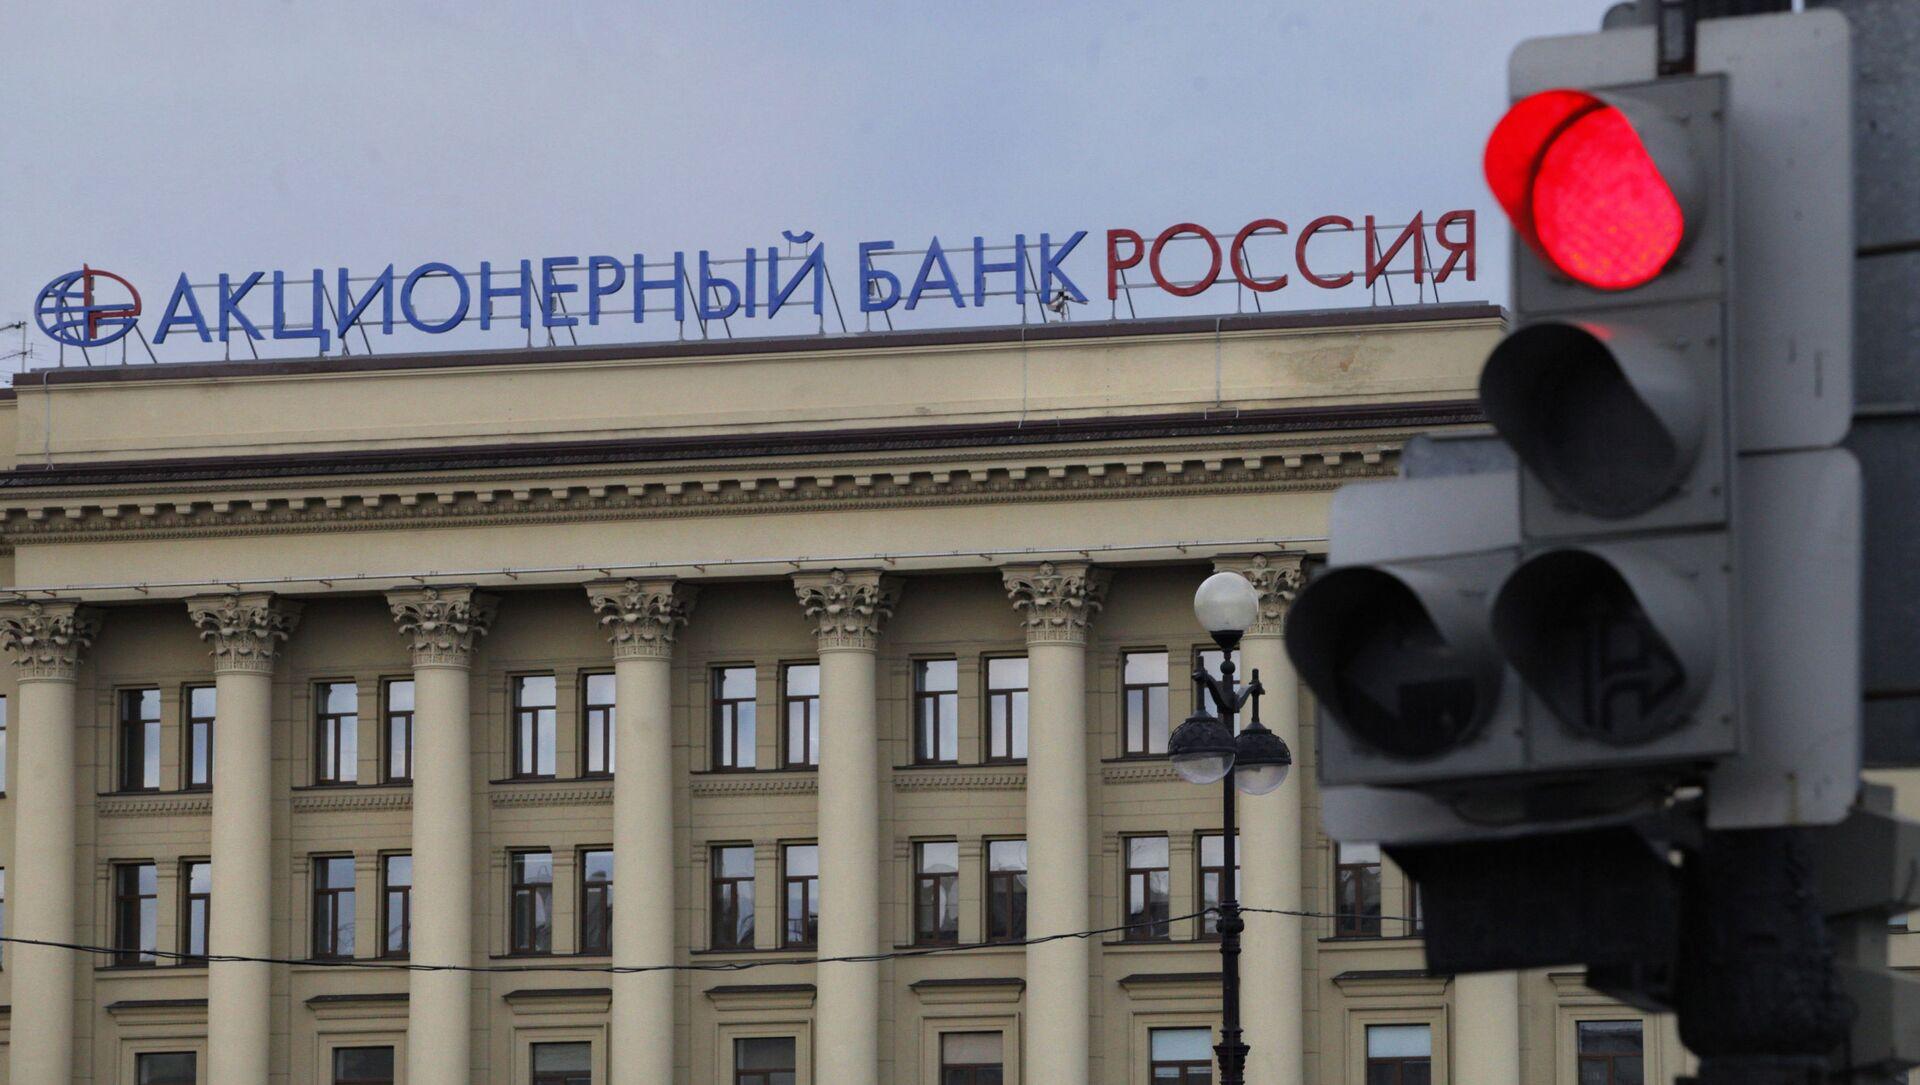 Российские банки. Финансовая система РФ - Sputnik Грузия, 1920, 31.05.2021